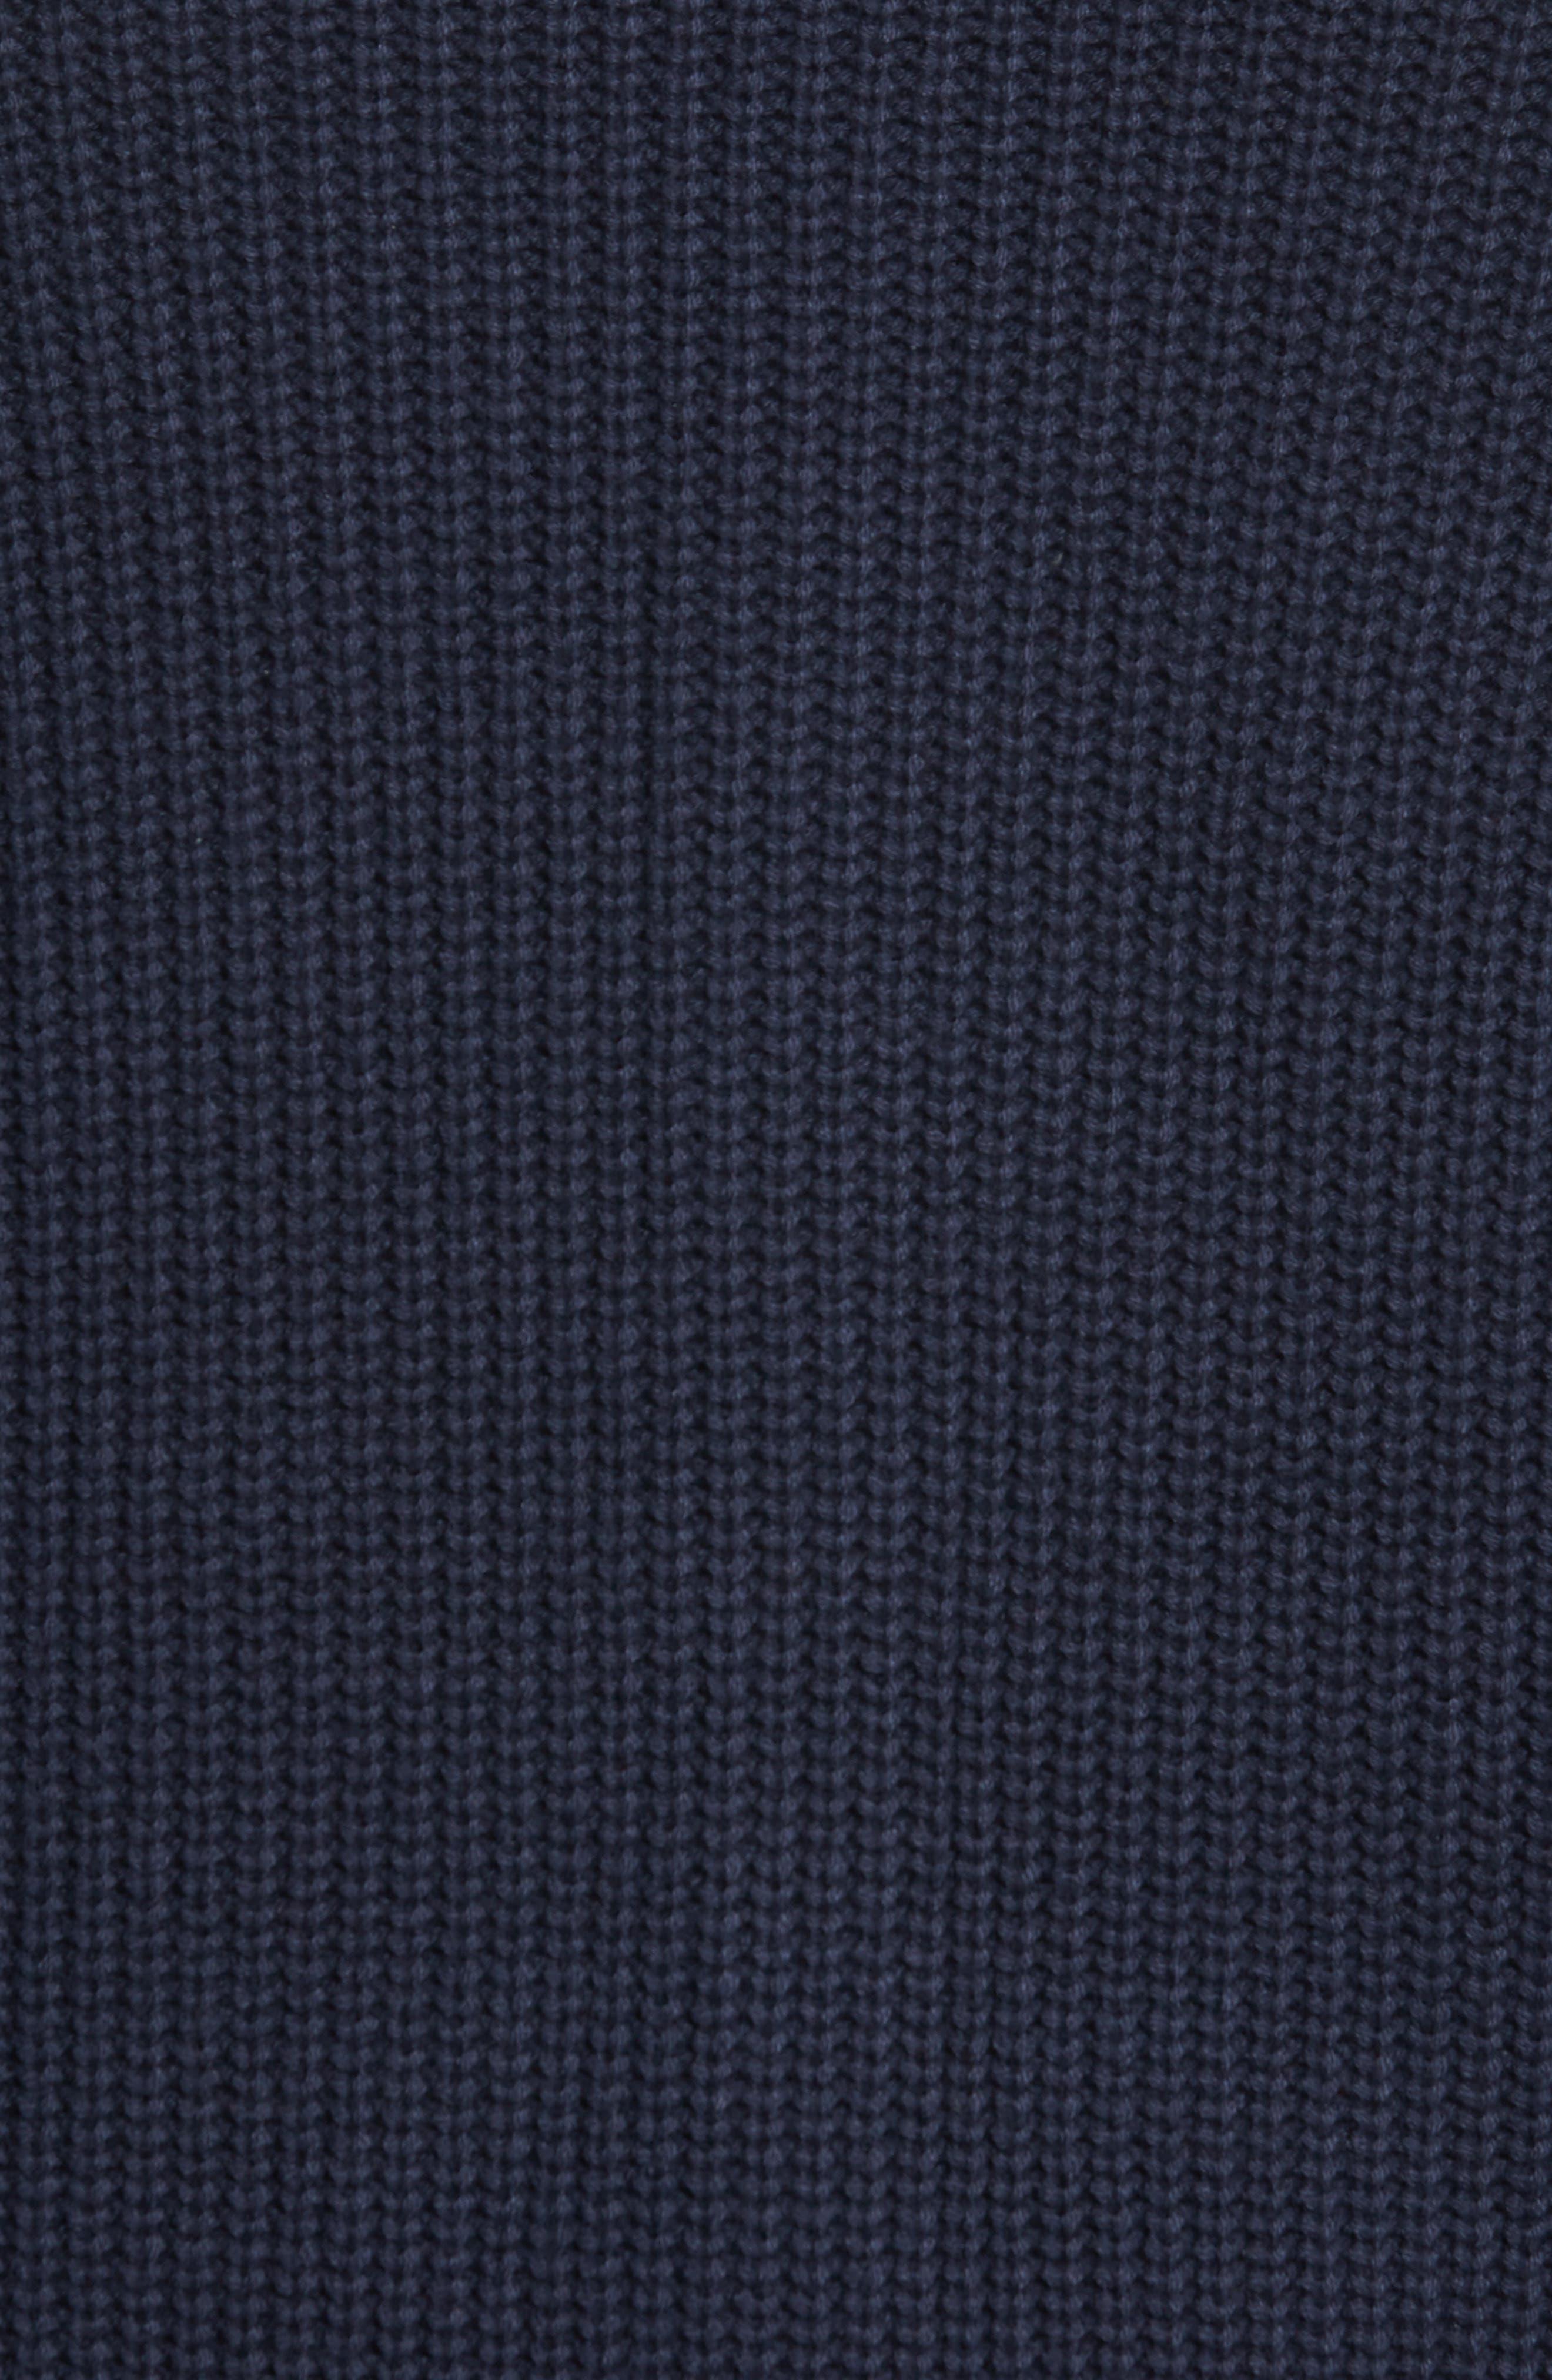 Chunky Rib Shawl Collar Cardigan,                             Alternate thumbnail 5, color,                             NAVY NIGHT